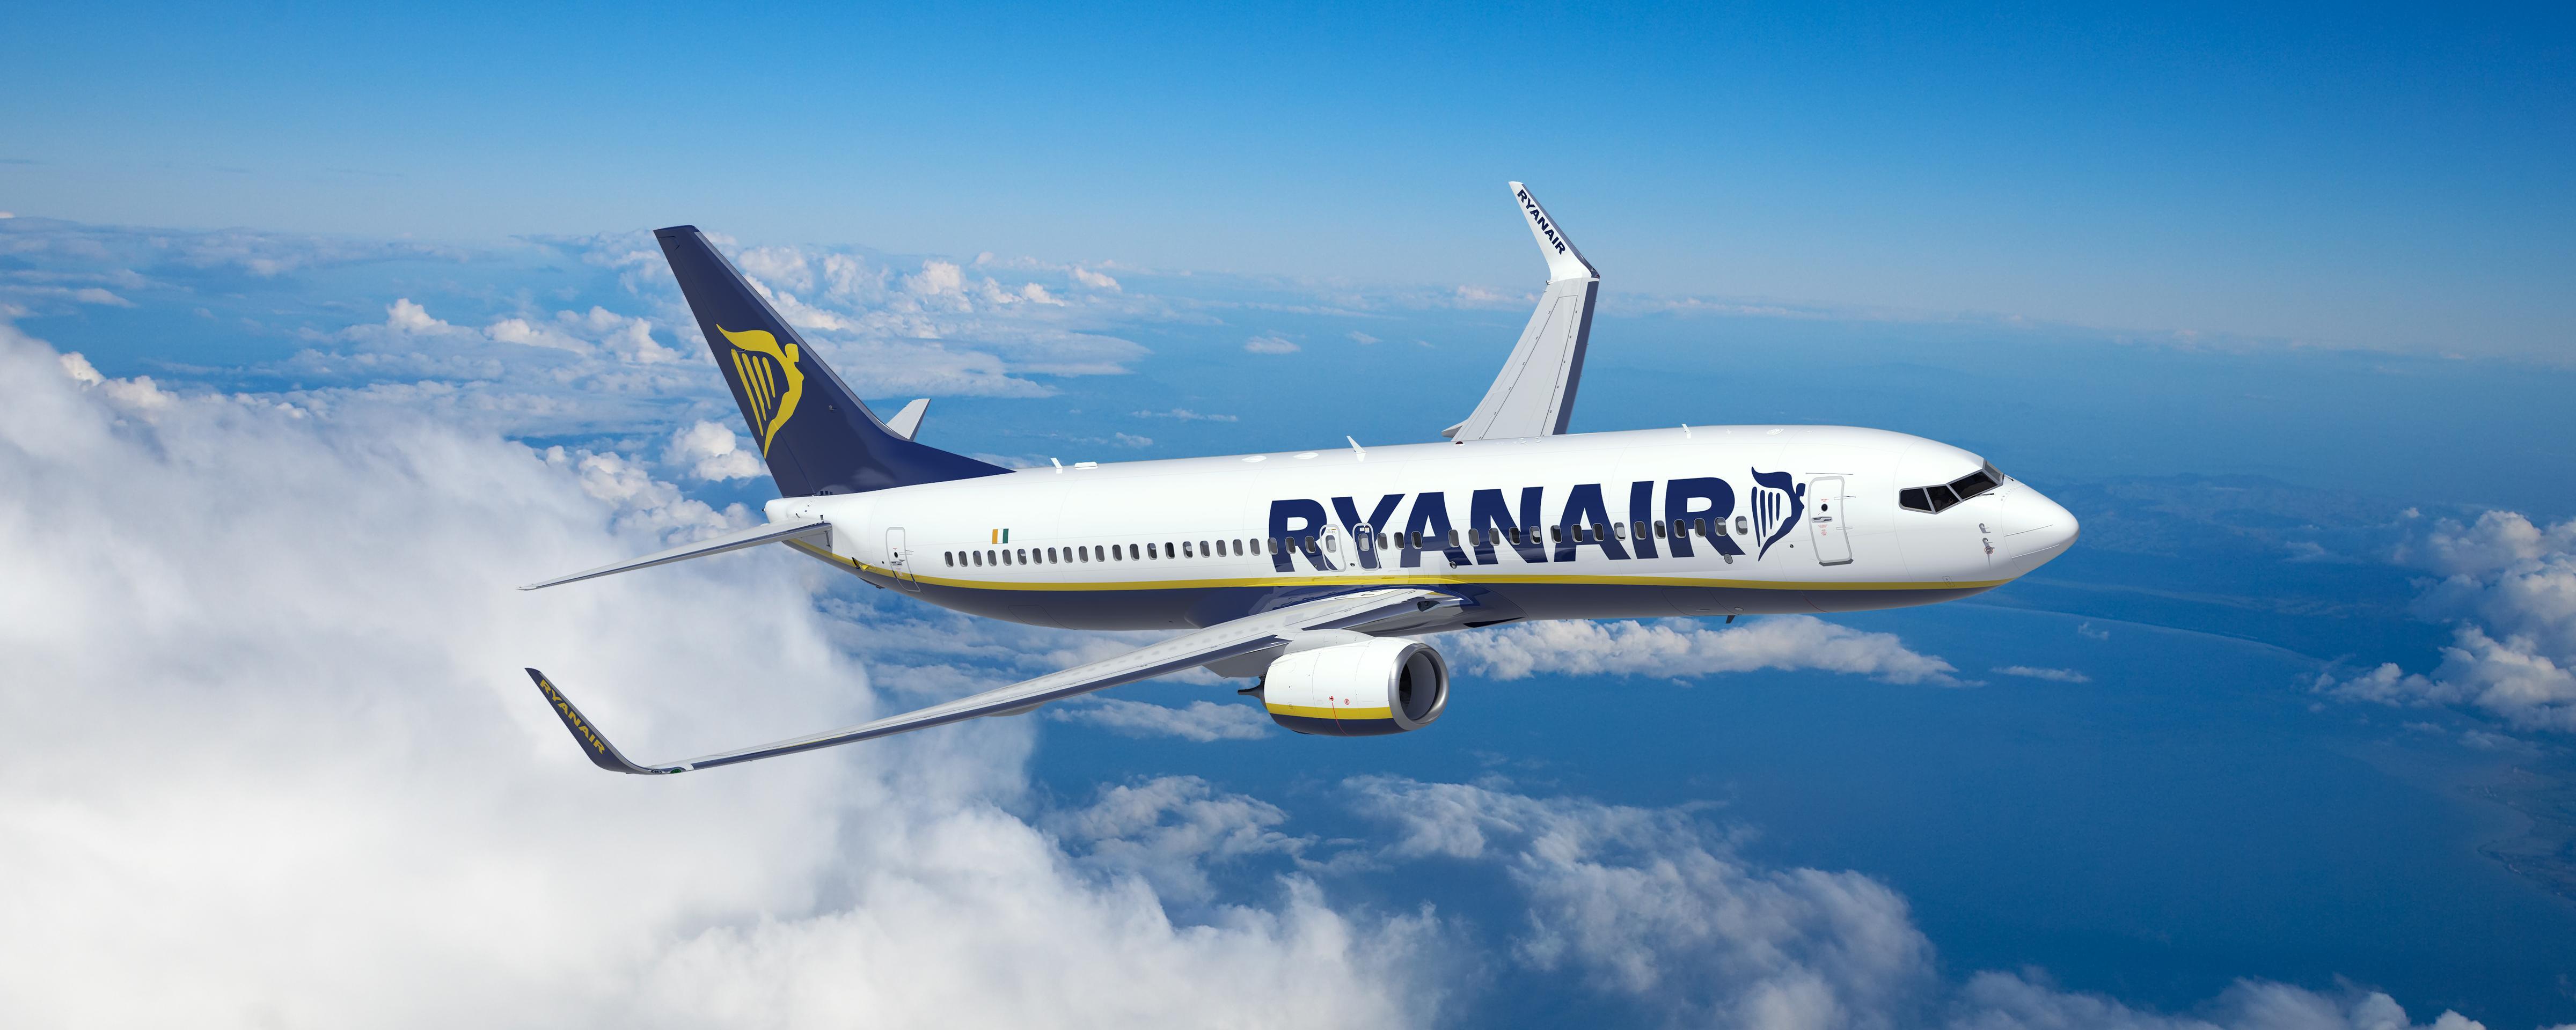 Equipaje de mano para viajar con Ryanair